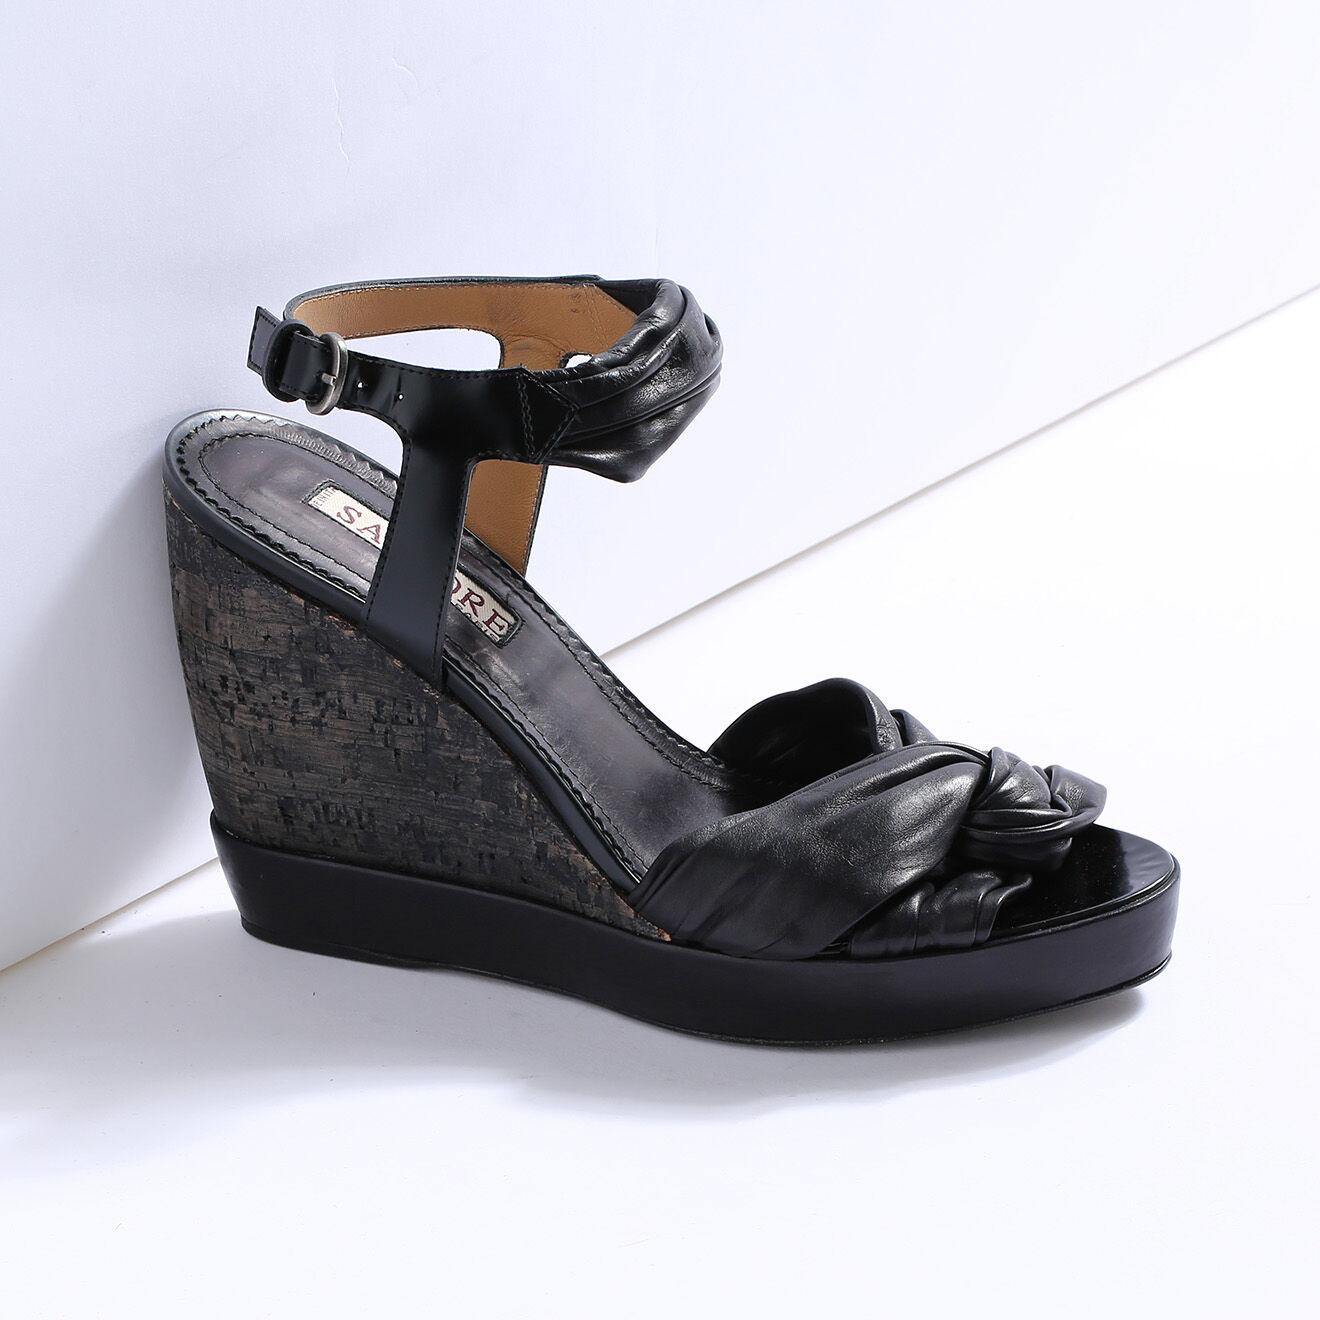 Sandales compensées en Cuir noires Talon 9.5cm